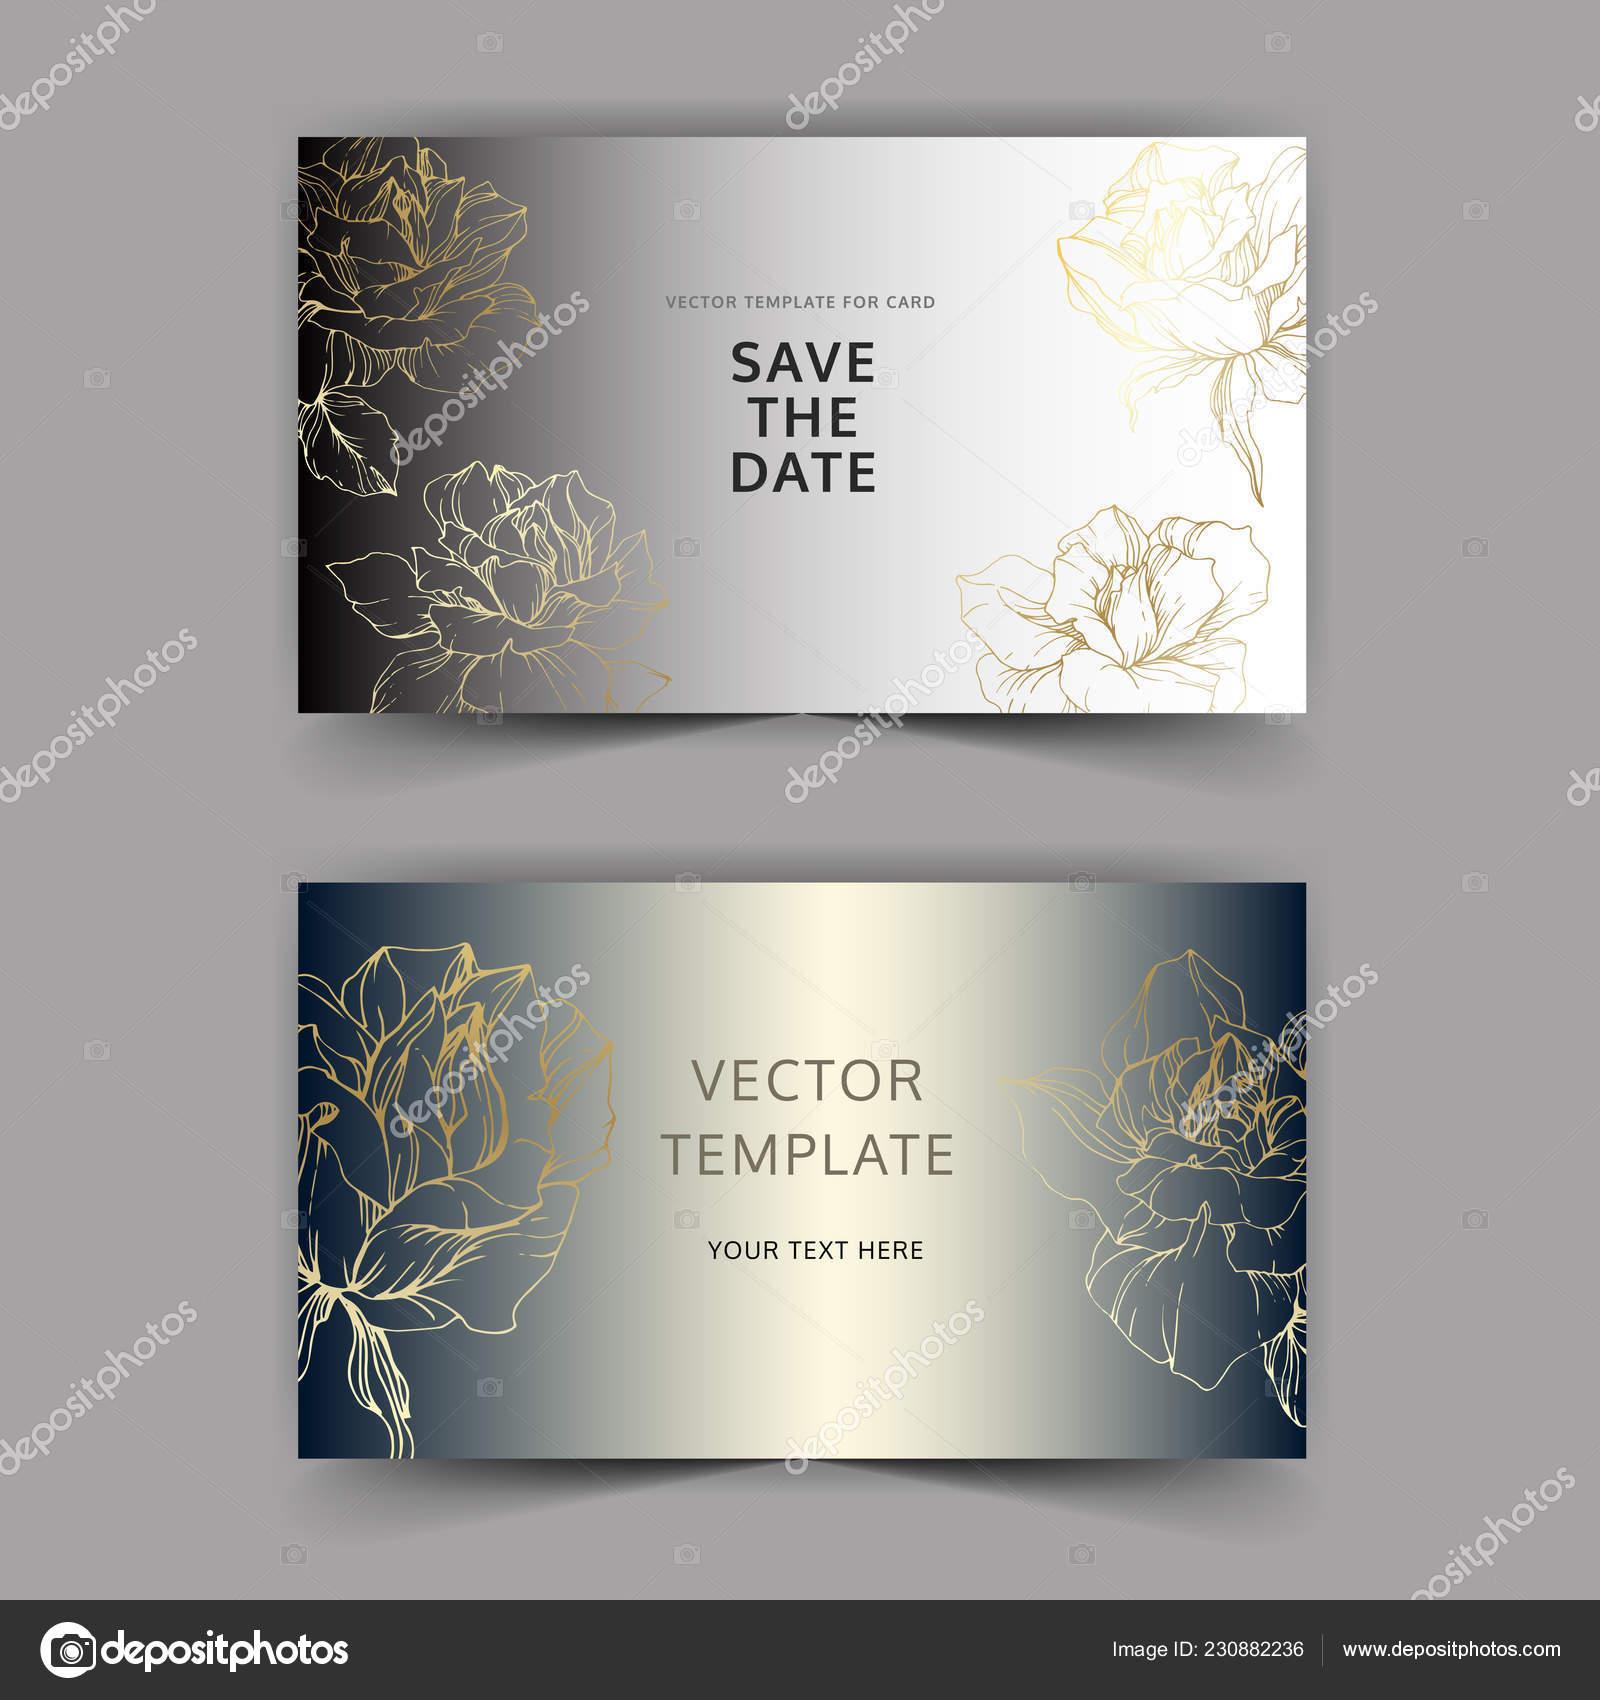 Vector Oro Rosas Plata Tarjetas Invitaciones Boda Con Bordes